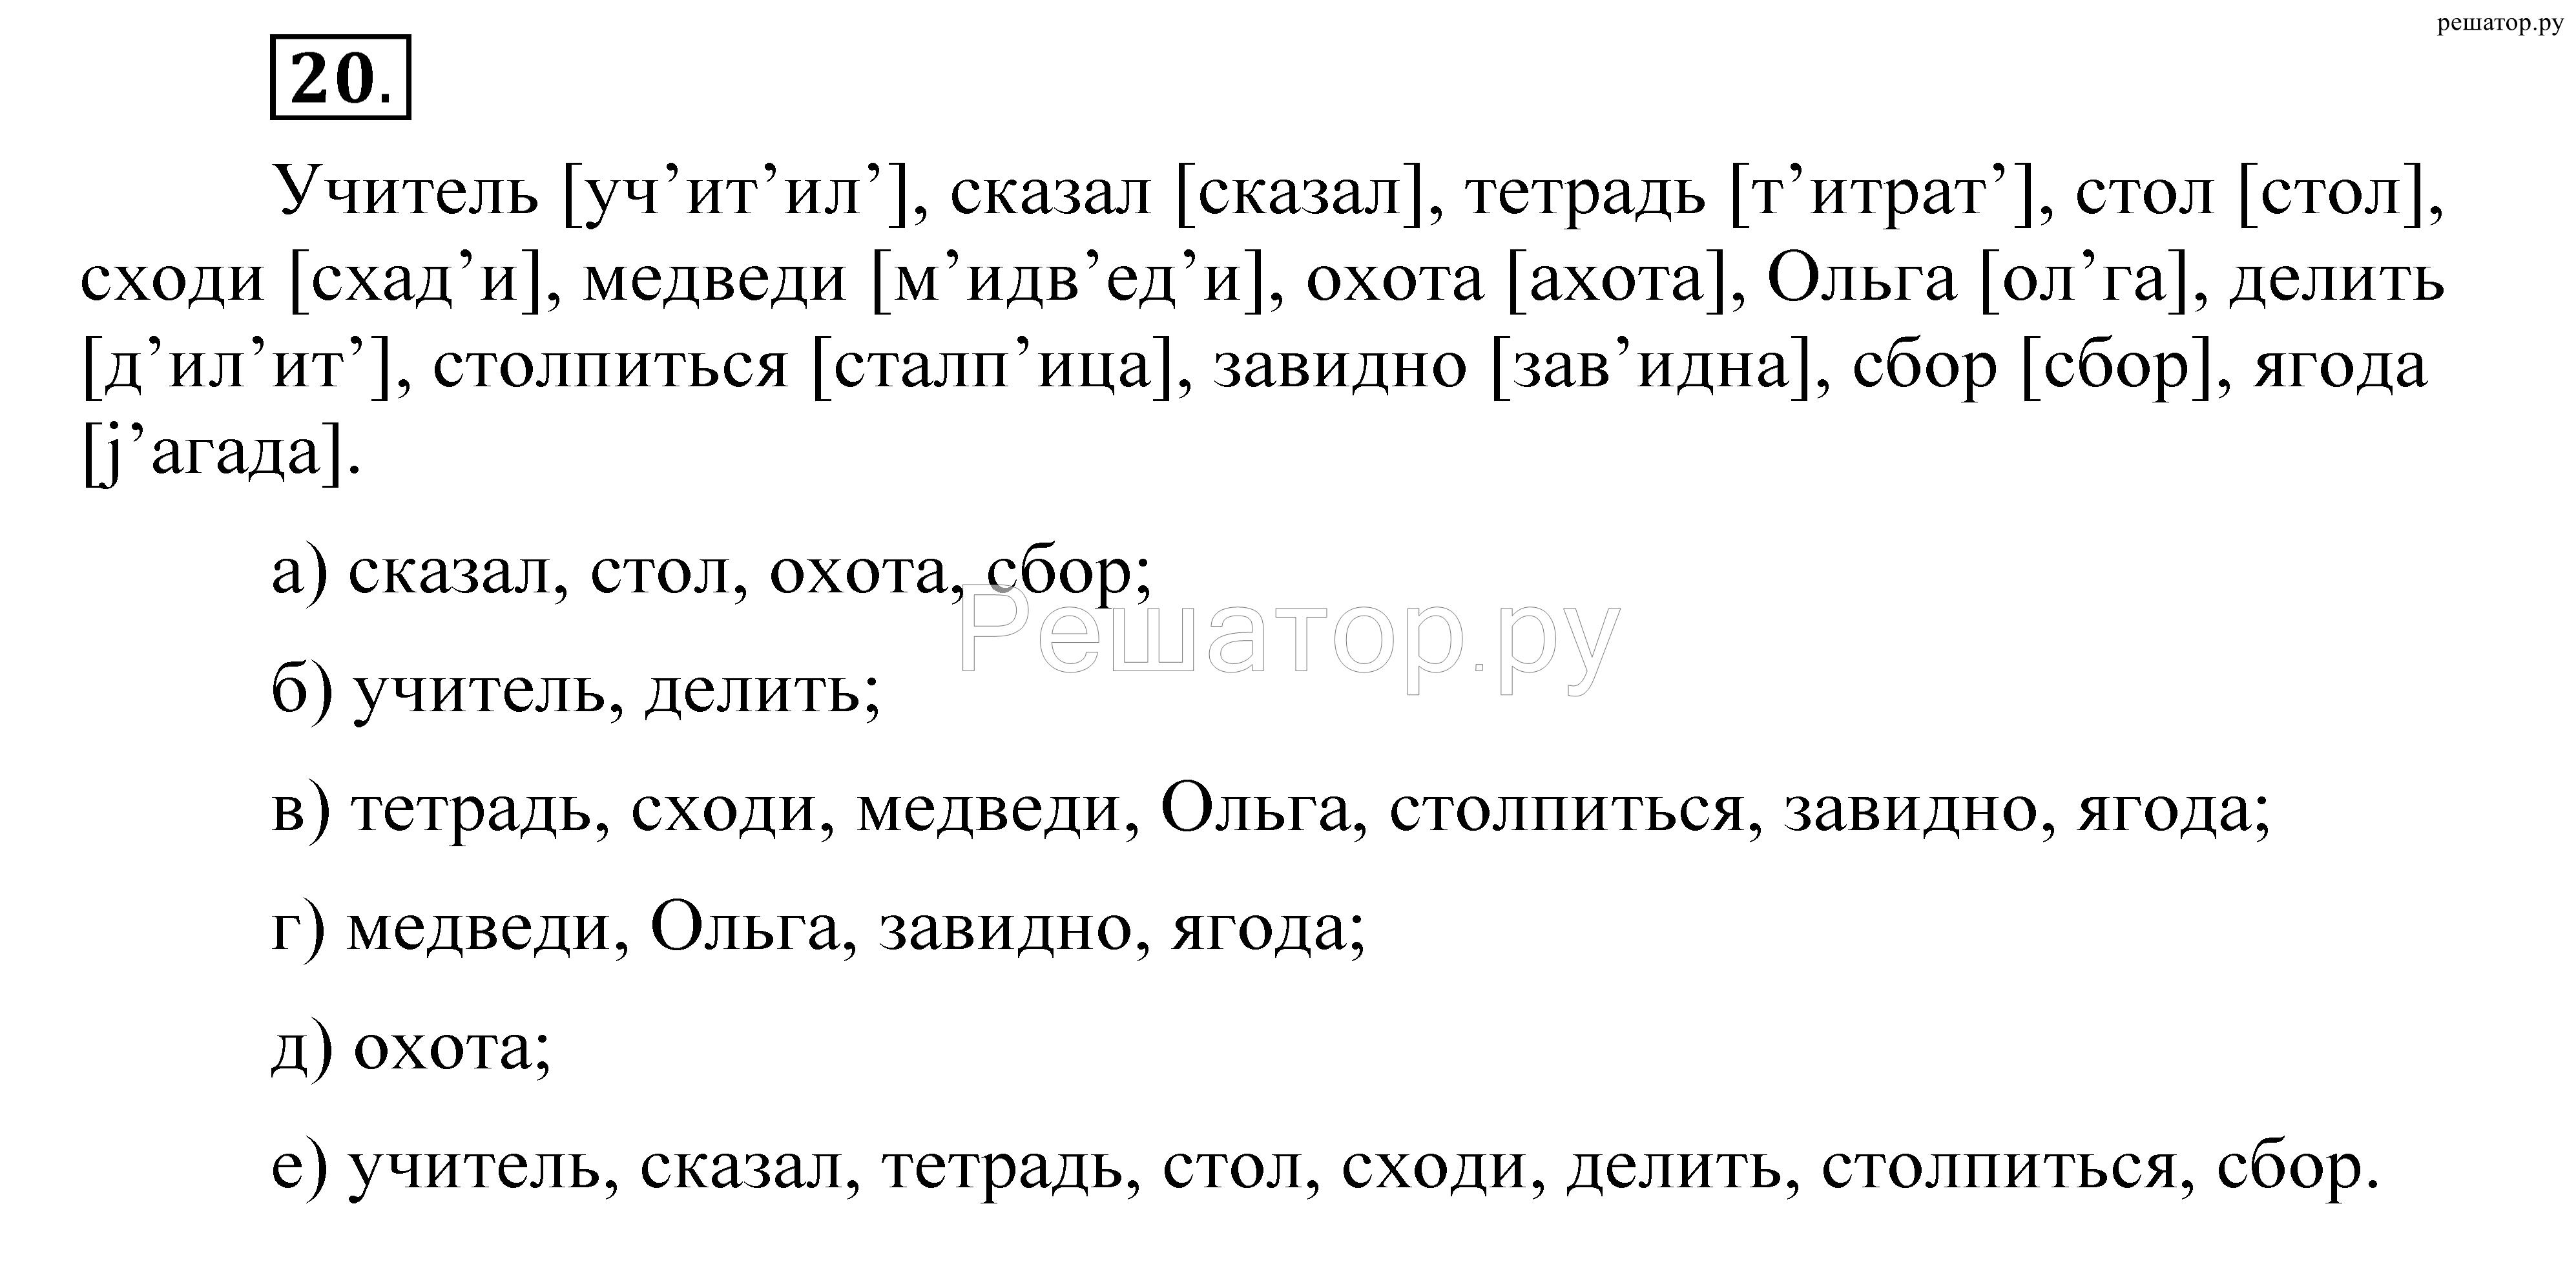 Бесплатное гдз по русскому языку 5 класс с и львова в в львов